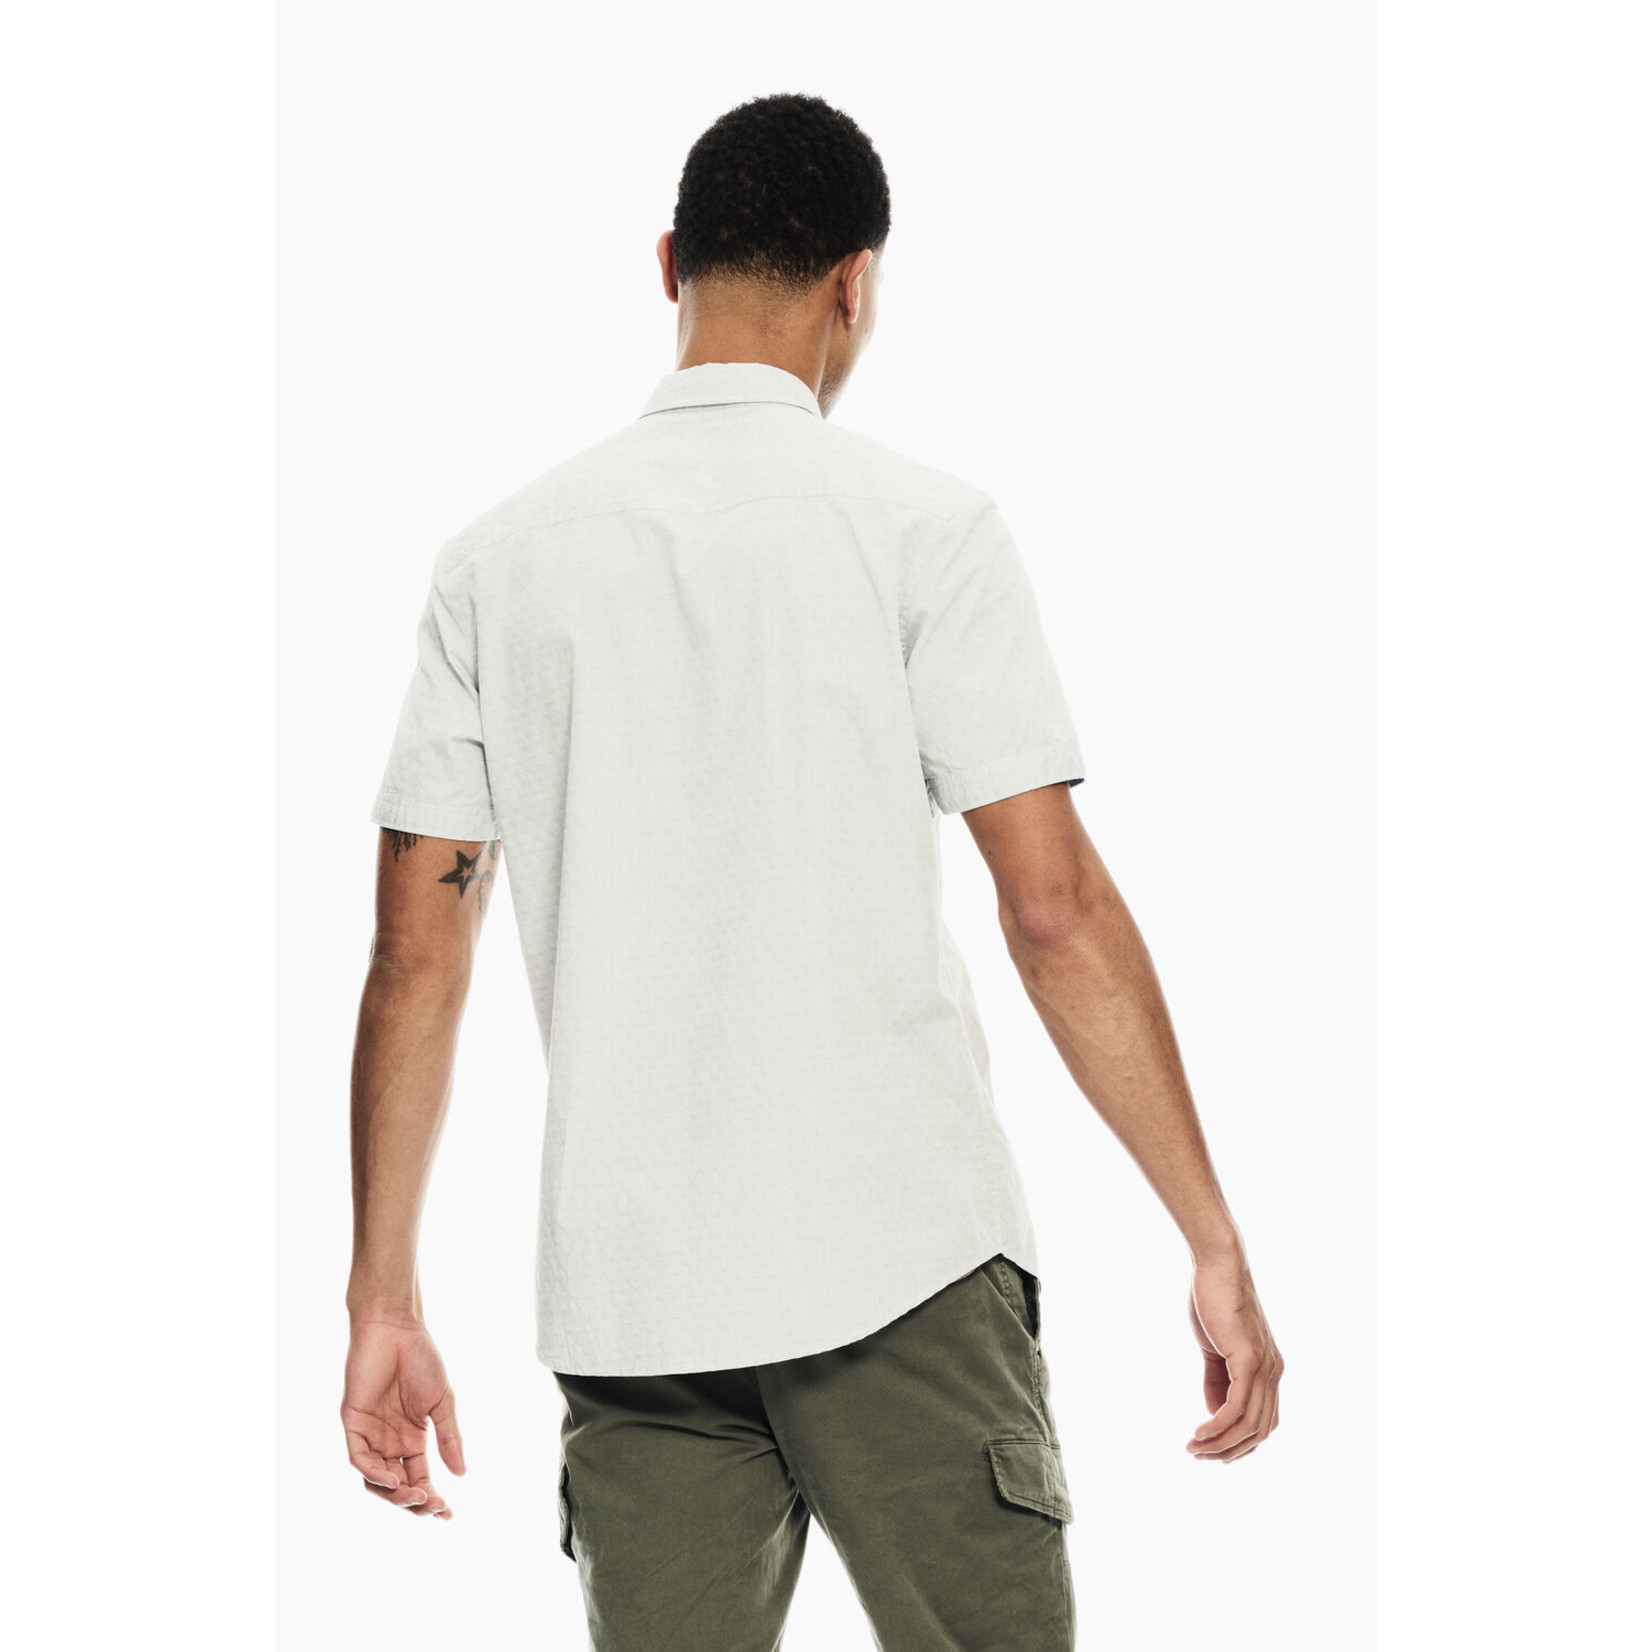 Garcia Garcia C11085 Pocket Short Sleeve Shirt 3942 Deep Army